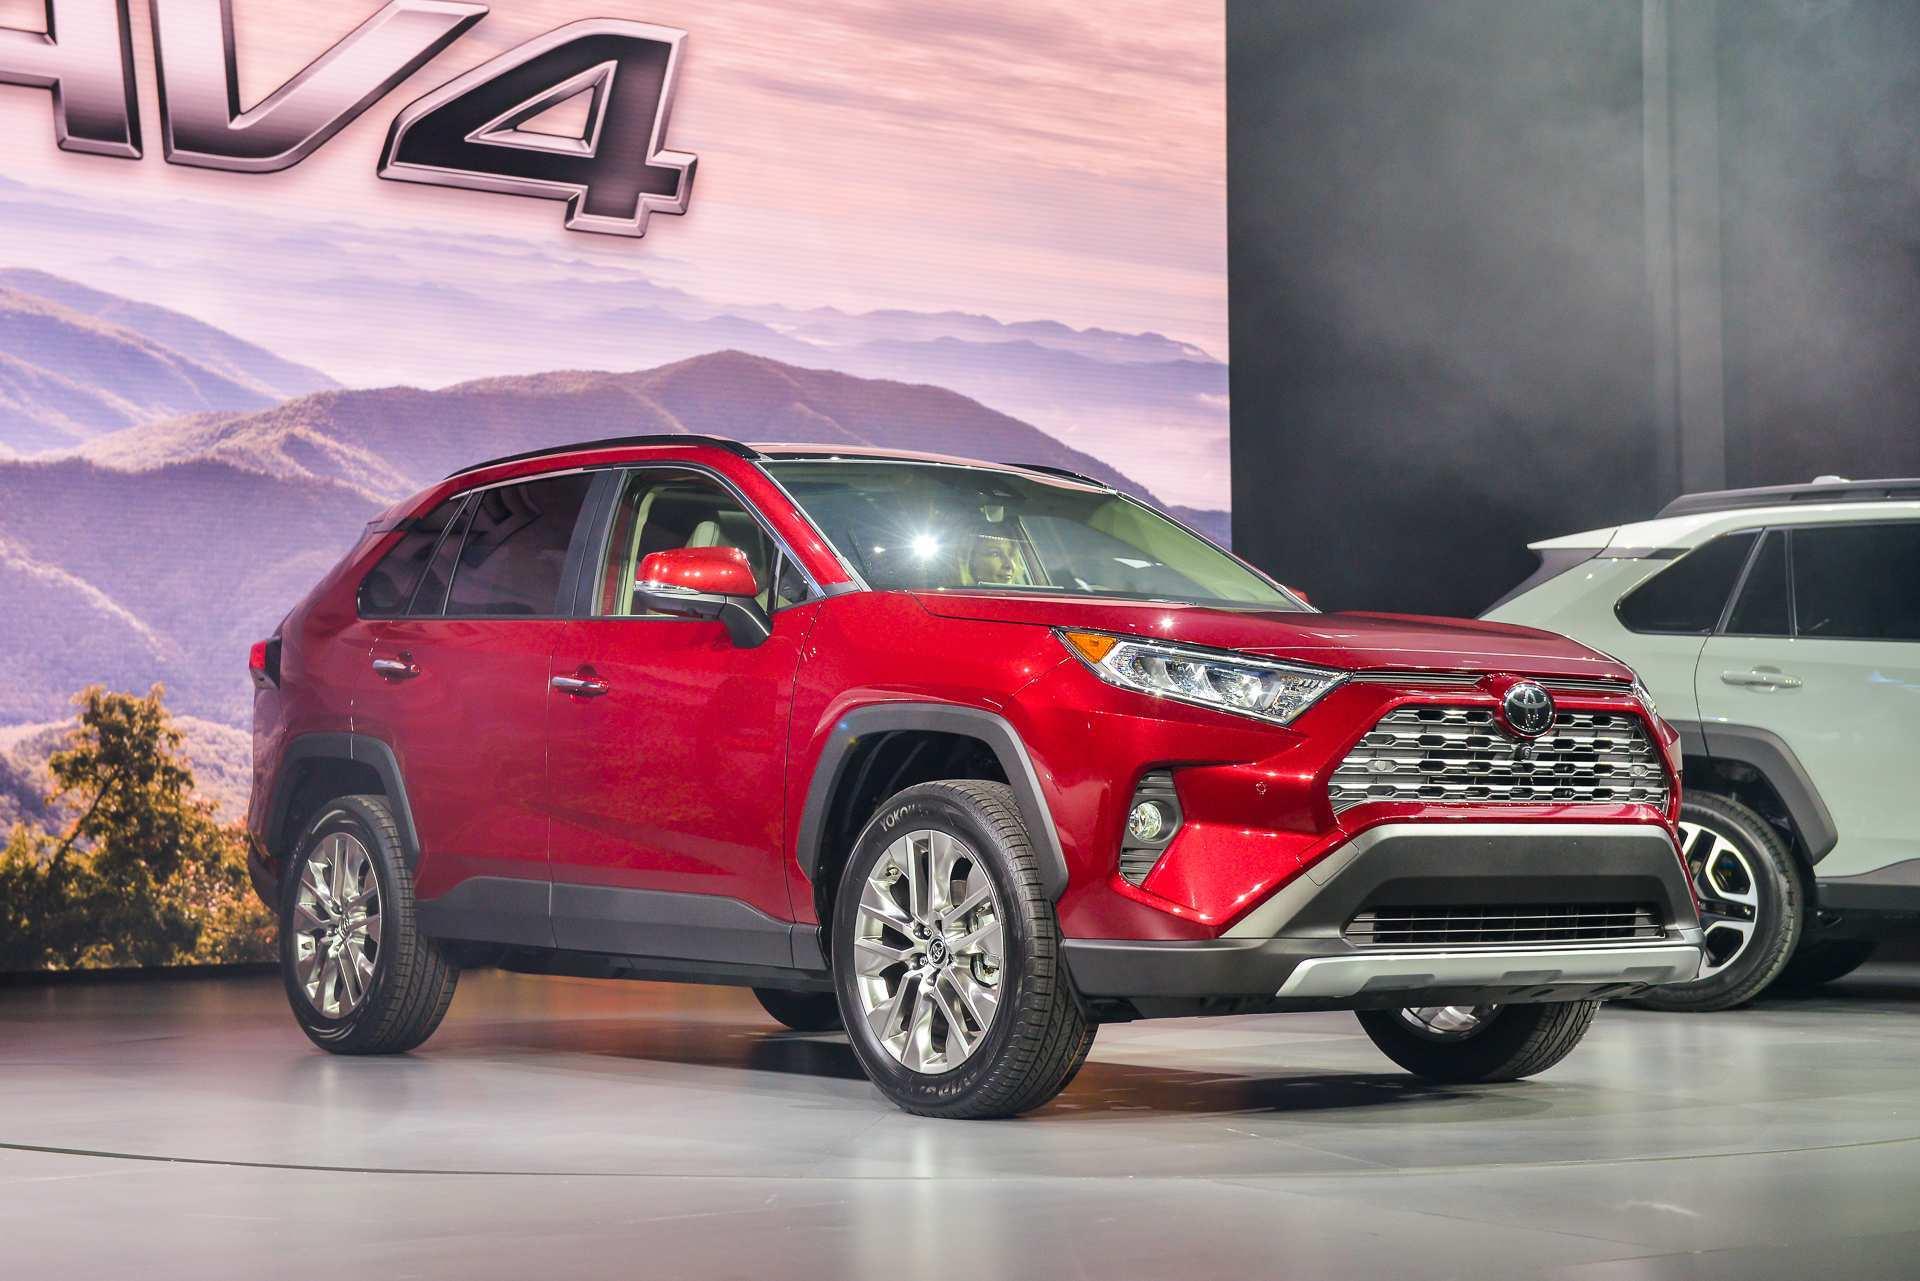 18 Best Review Toyota Rav4 Hybrid 2020 Model for Toyota Rav4 Hybrid 2020